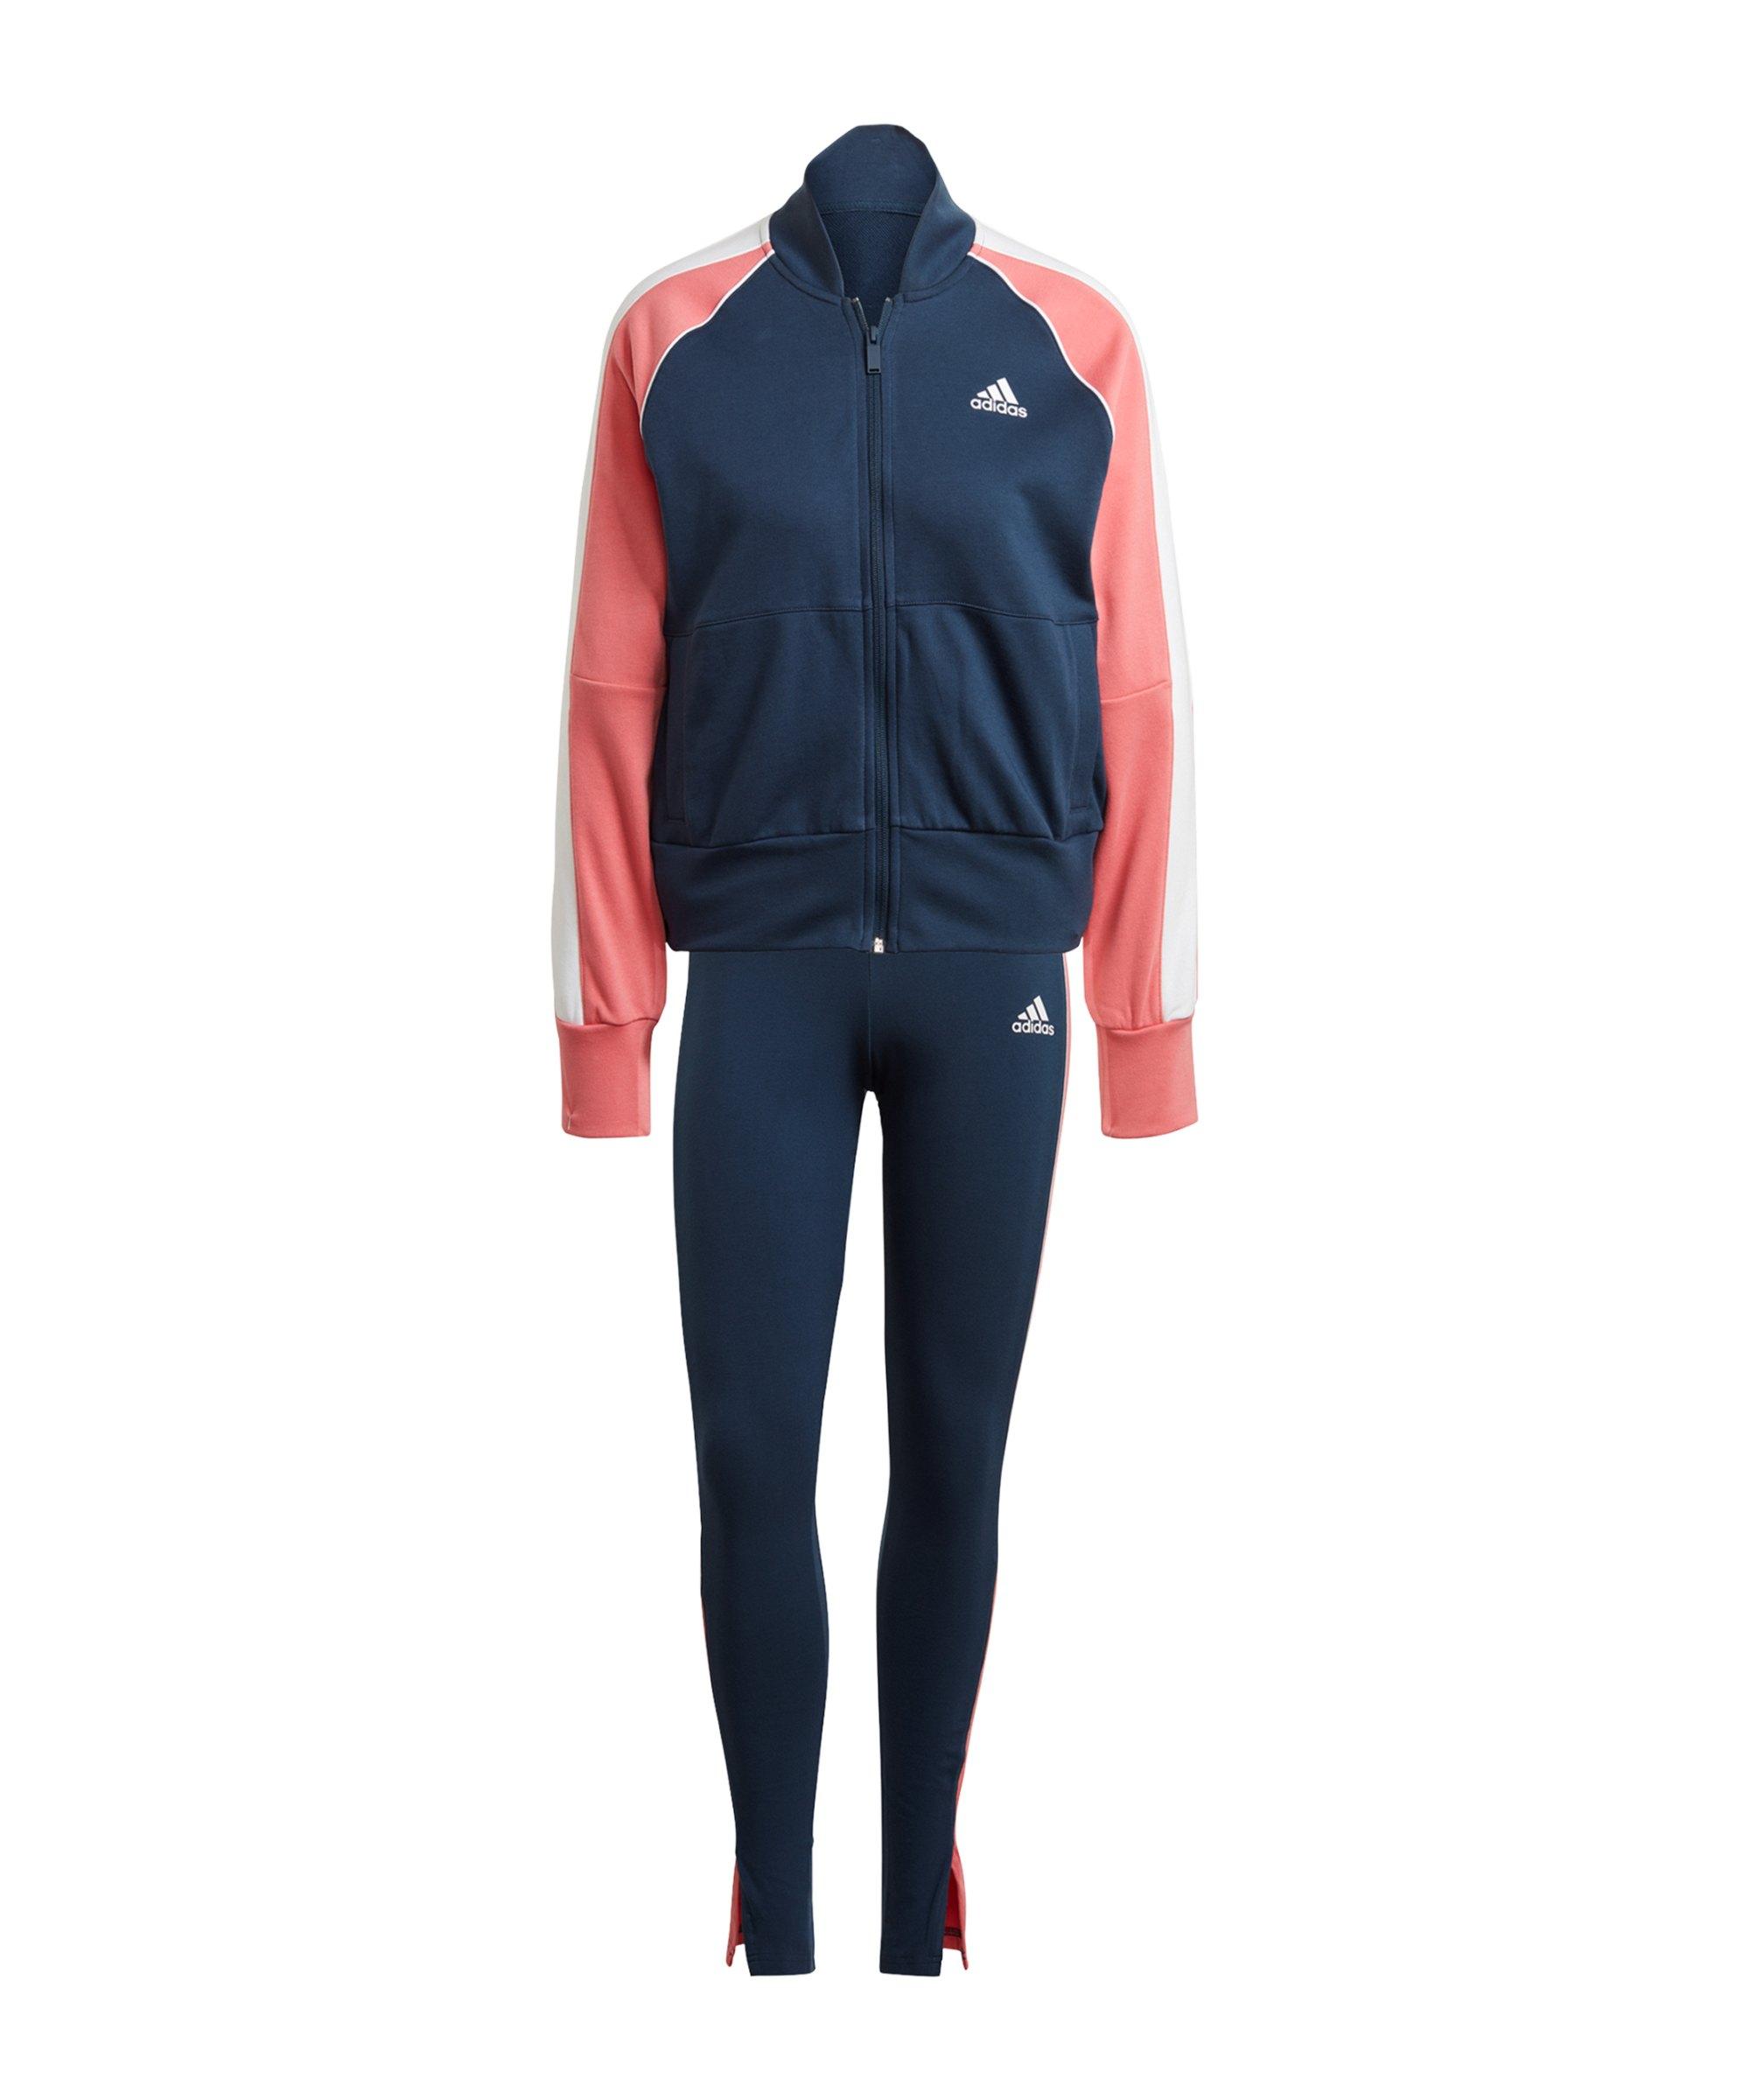 adidas Trainingsanzug Damen Blau Rosa - blau